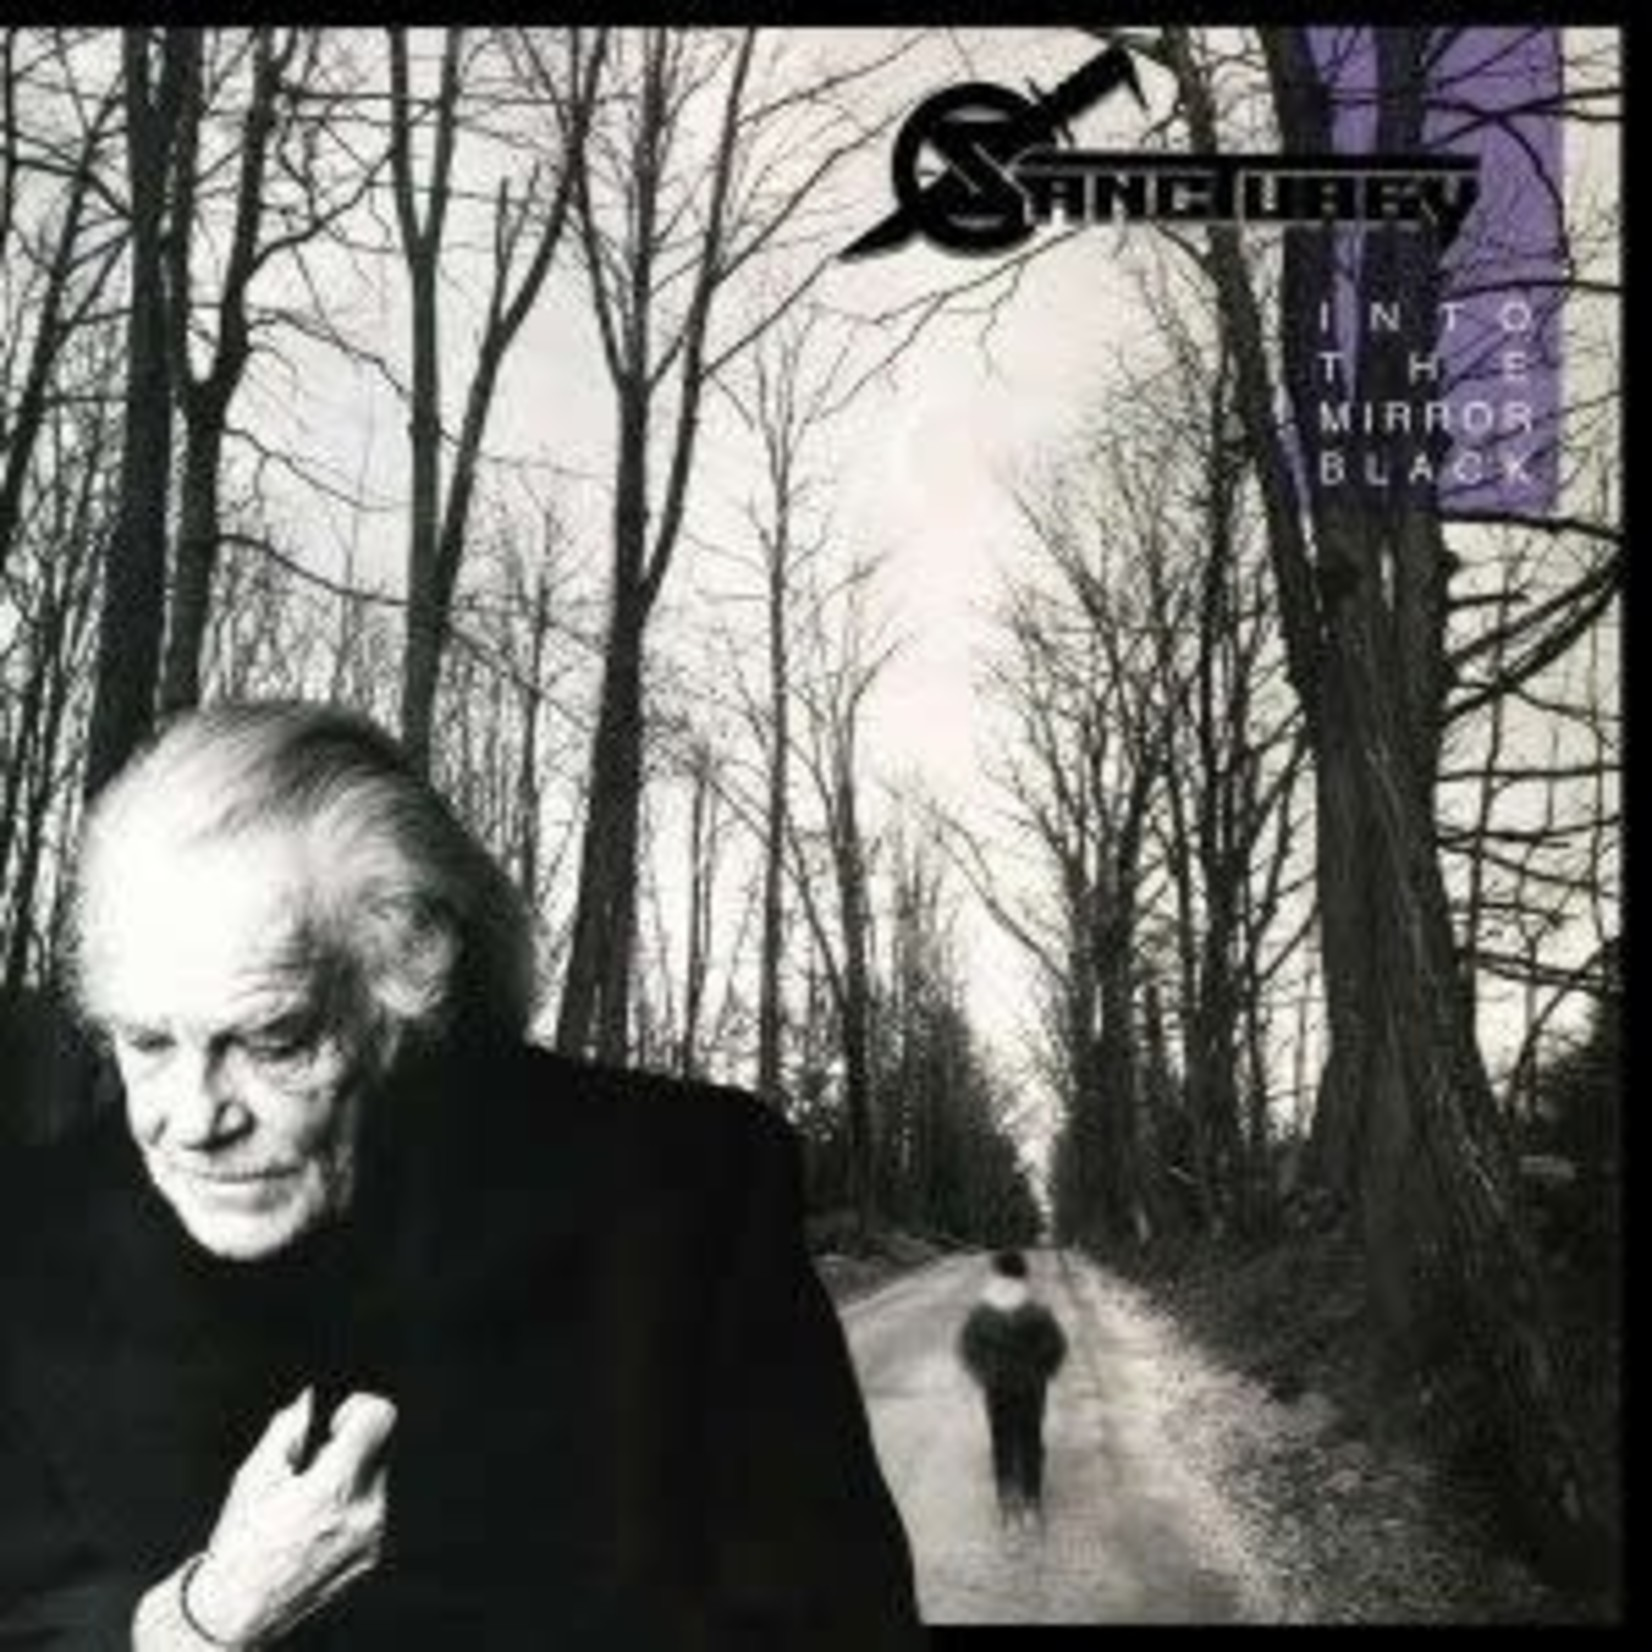 Sanctuary - Into The Mirror Black   (VINYL)